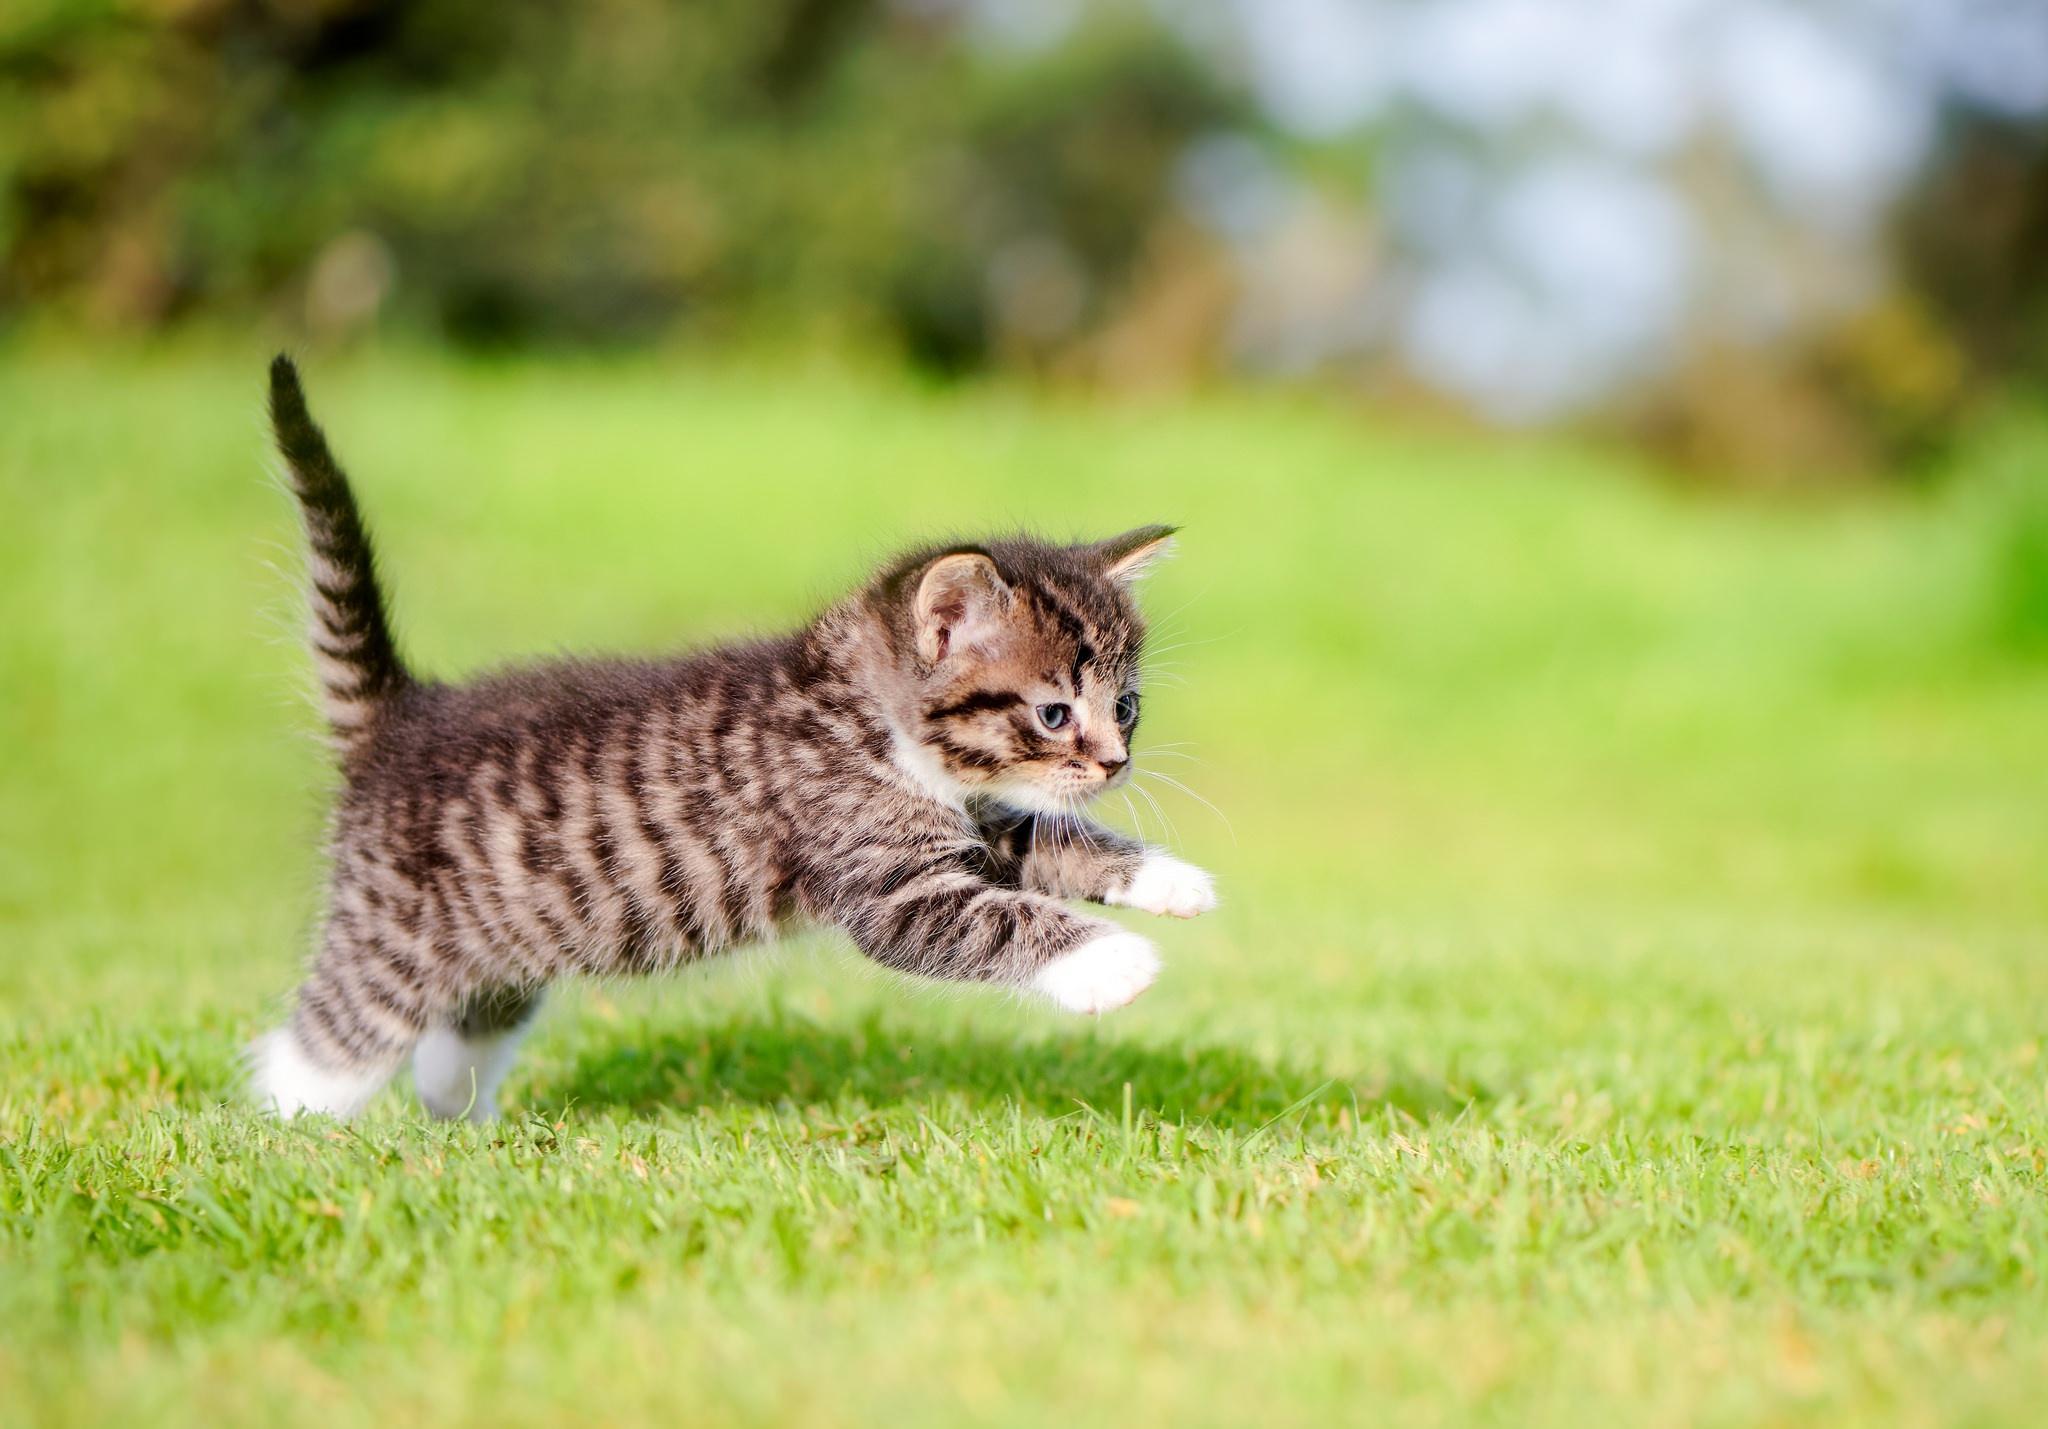 Котенок на траве  № 2959583 без смс